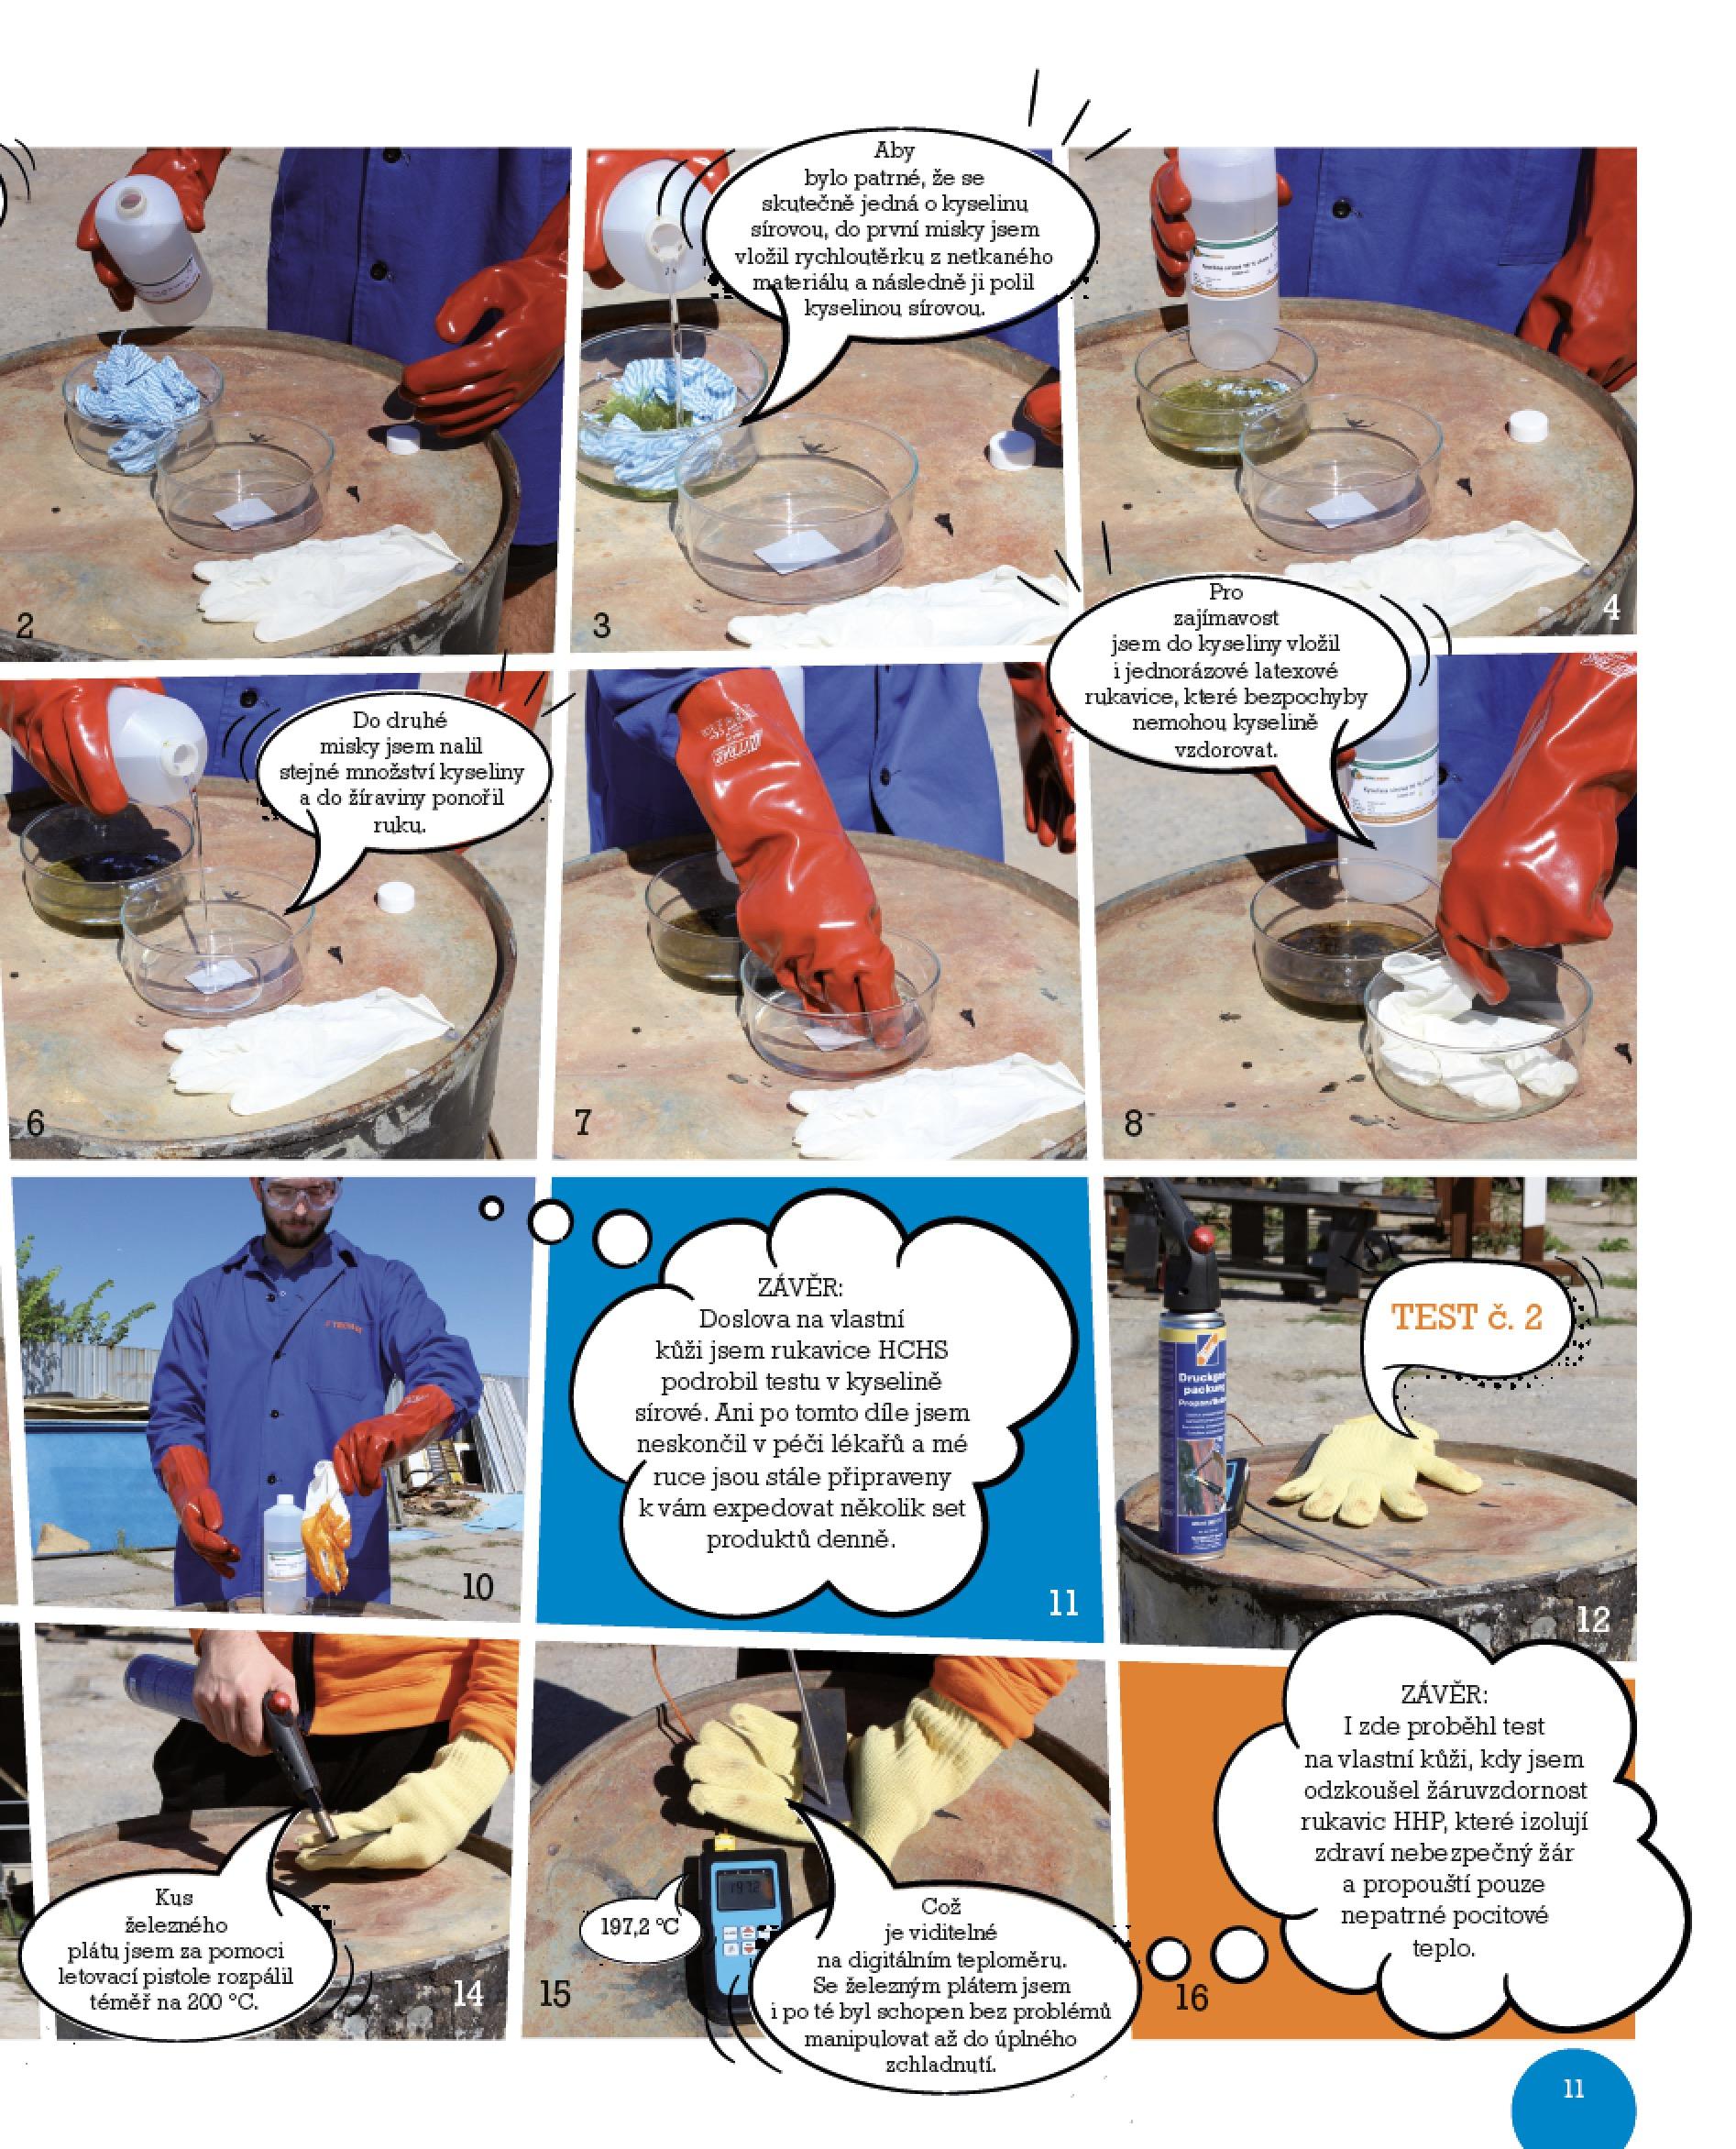 Prospectea - Technoviny - Jak použít komiks